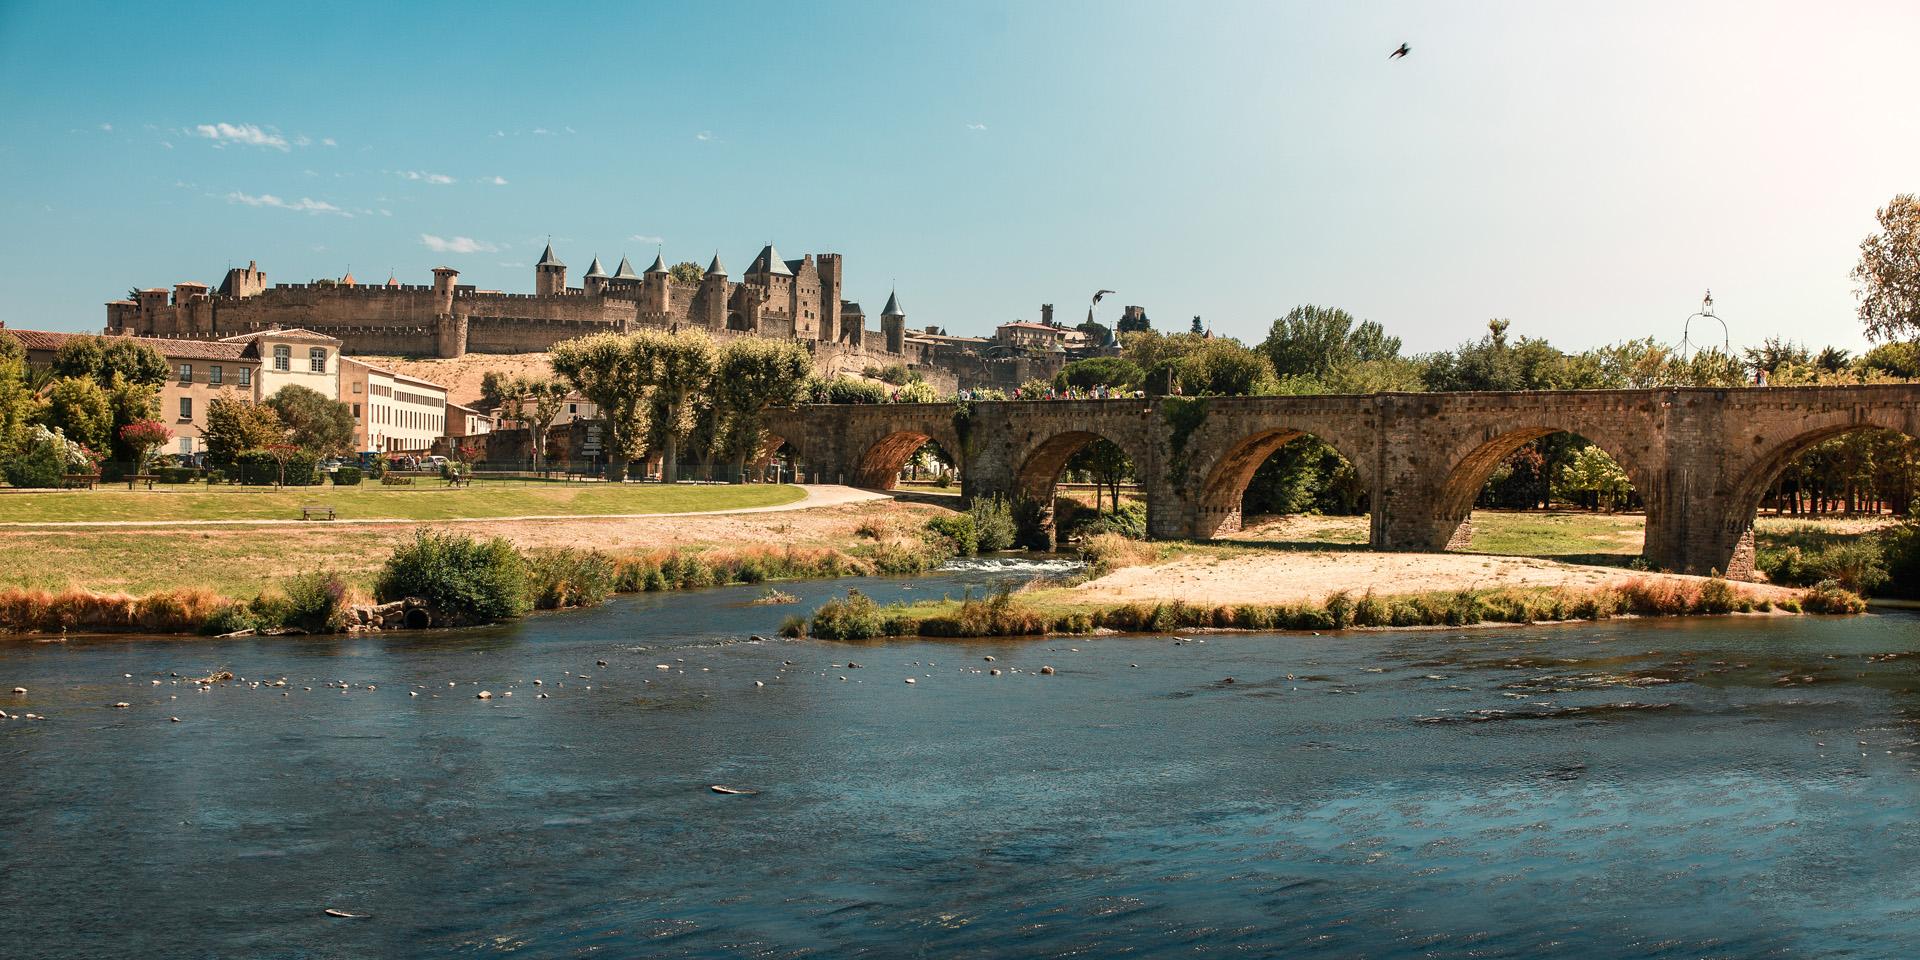 La cité médiévale de Carcassonne vue du pont Neuf